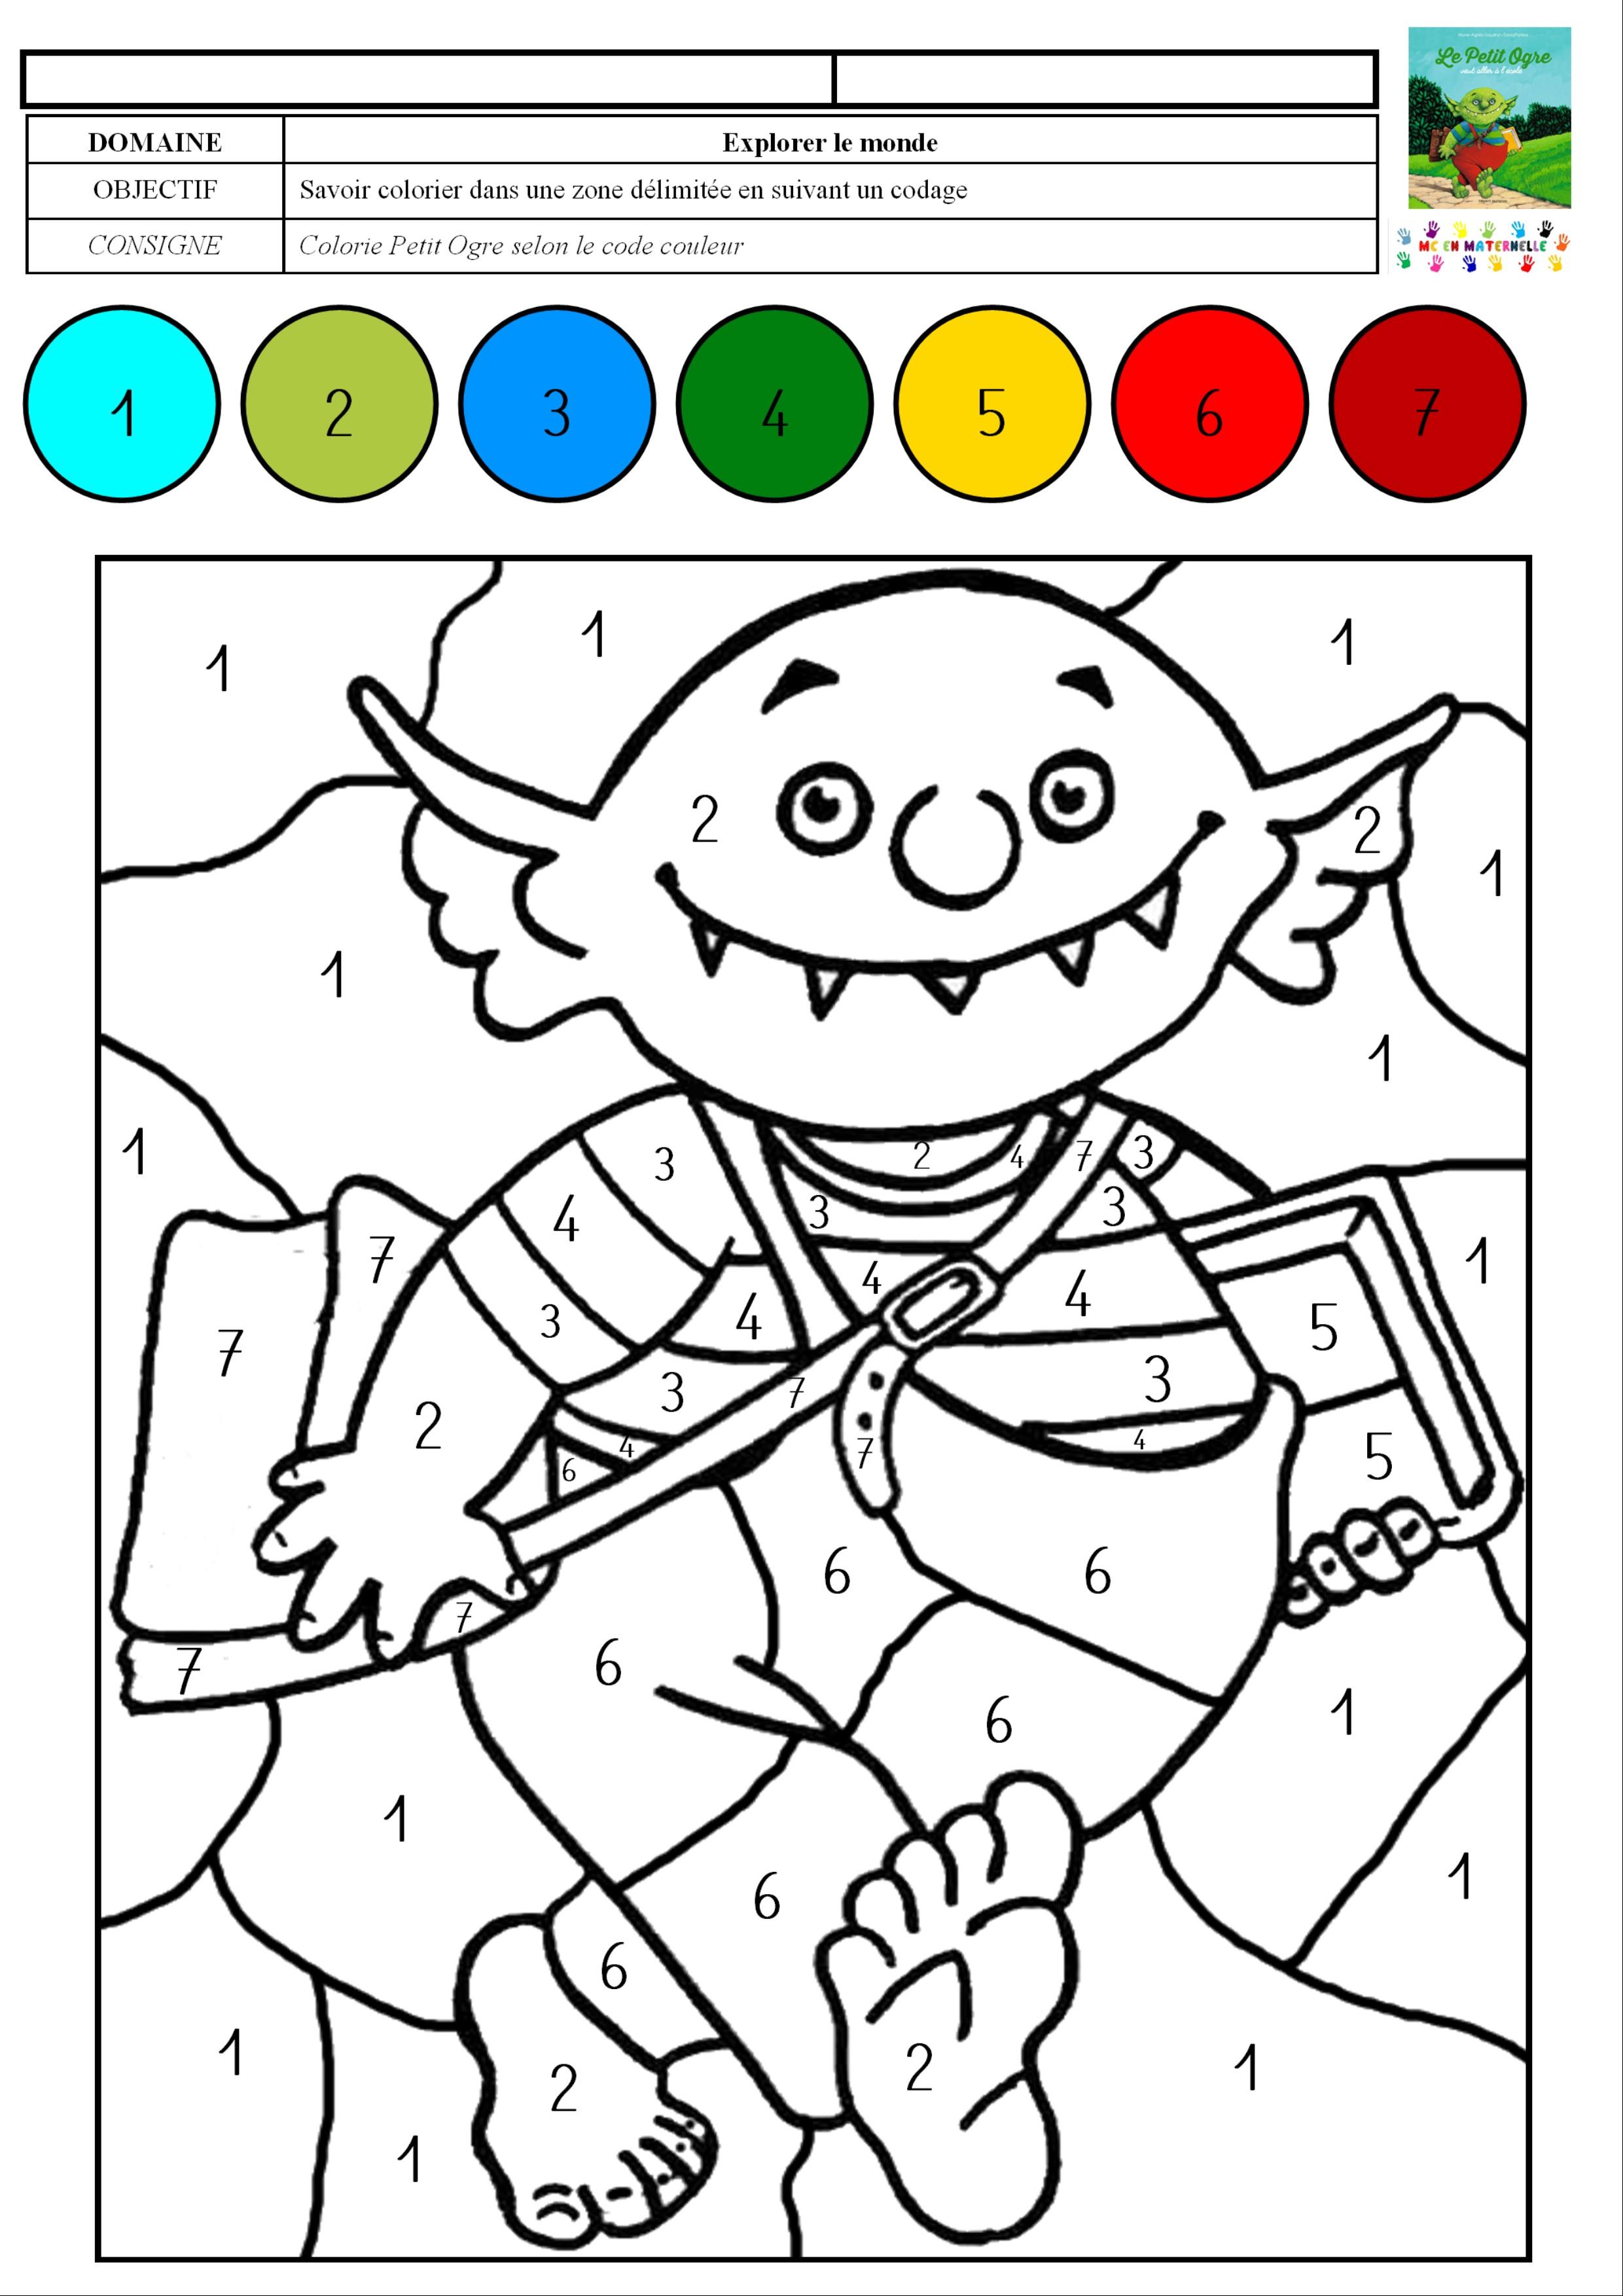 Le petit ogre veut aller l cole coloriage magique - Coloriage magique nombres ...